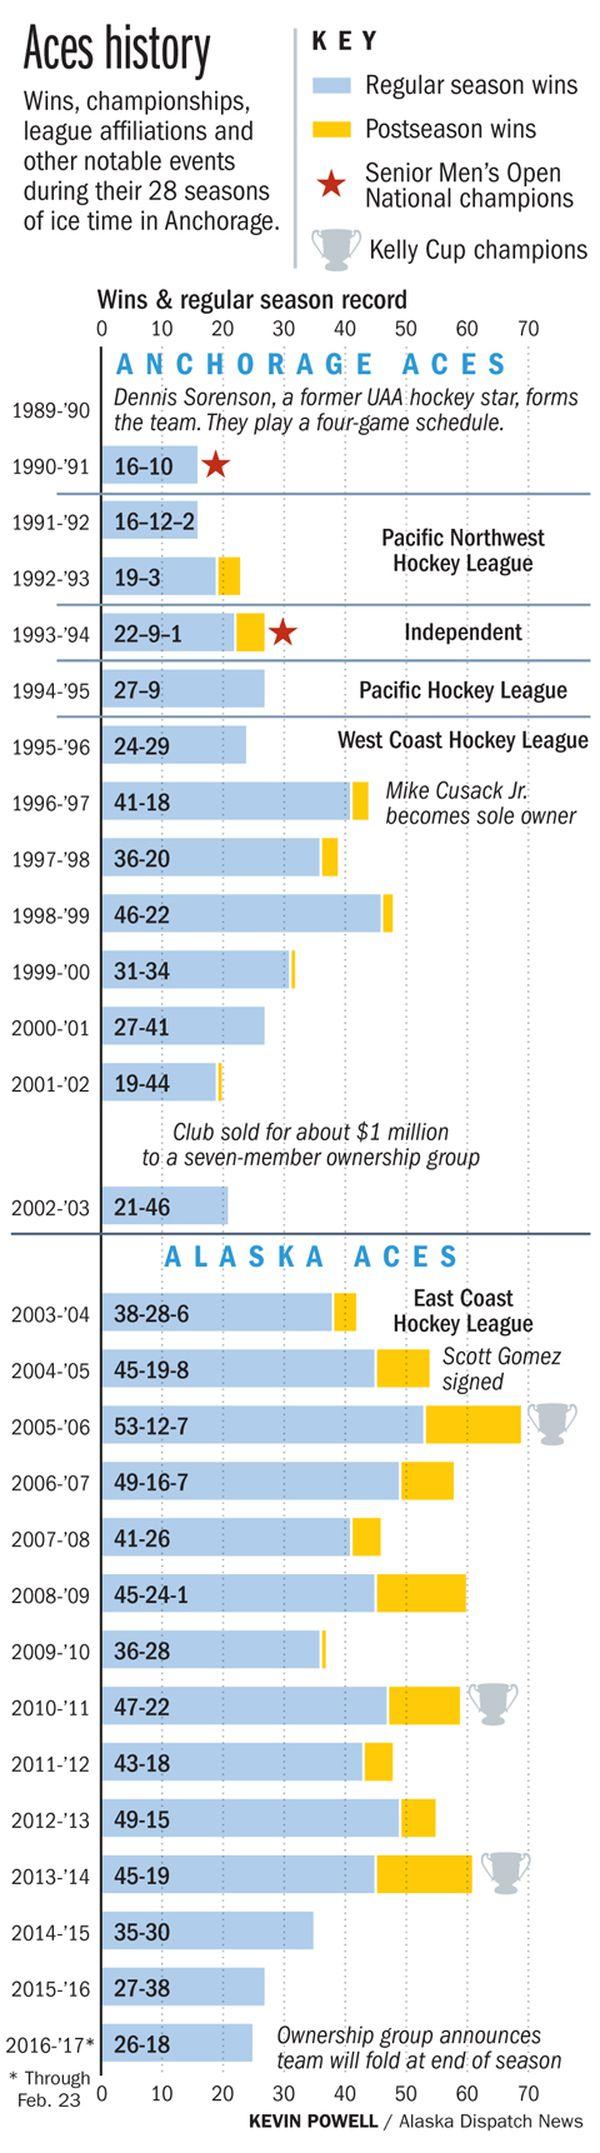 financially-struggling-alaska-professional-hockey-team-will-fold-at-seasons-end-6